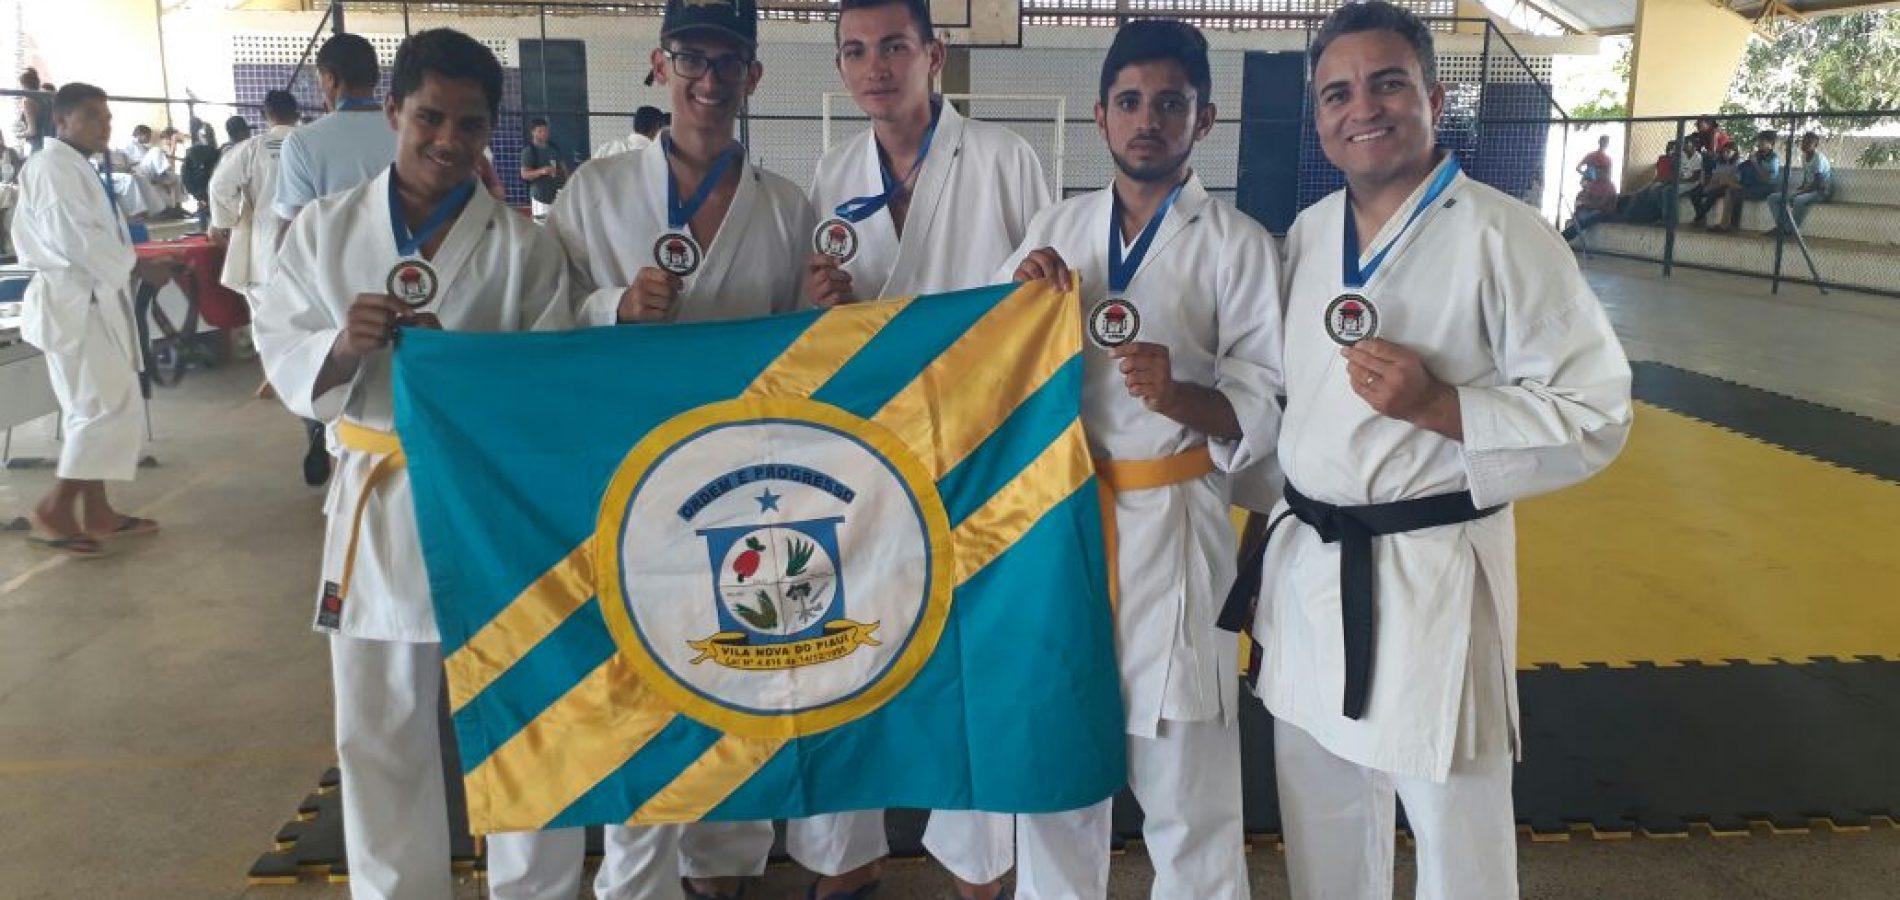 Atletas vilanovense participam da copa 'Oeiras karatê' e conquistam medalhas de Ouro e Prata, em Oeiras-PI